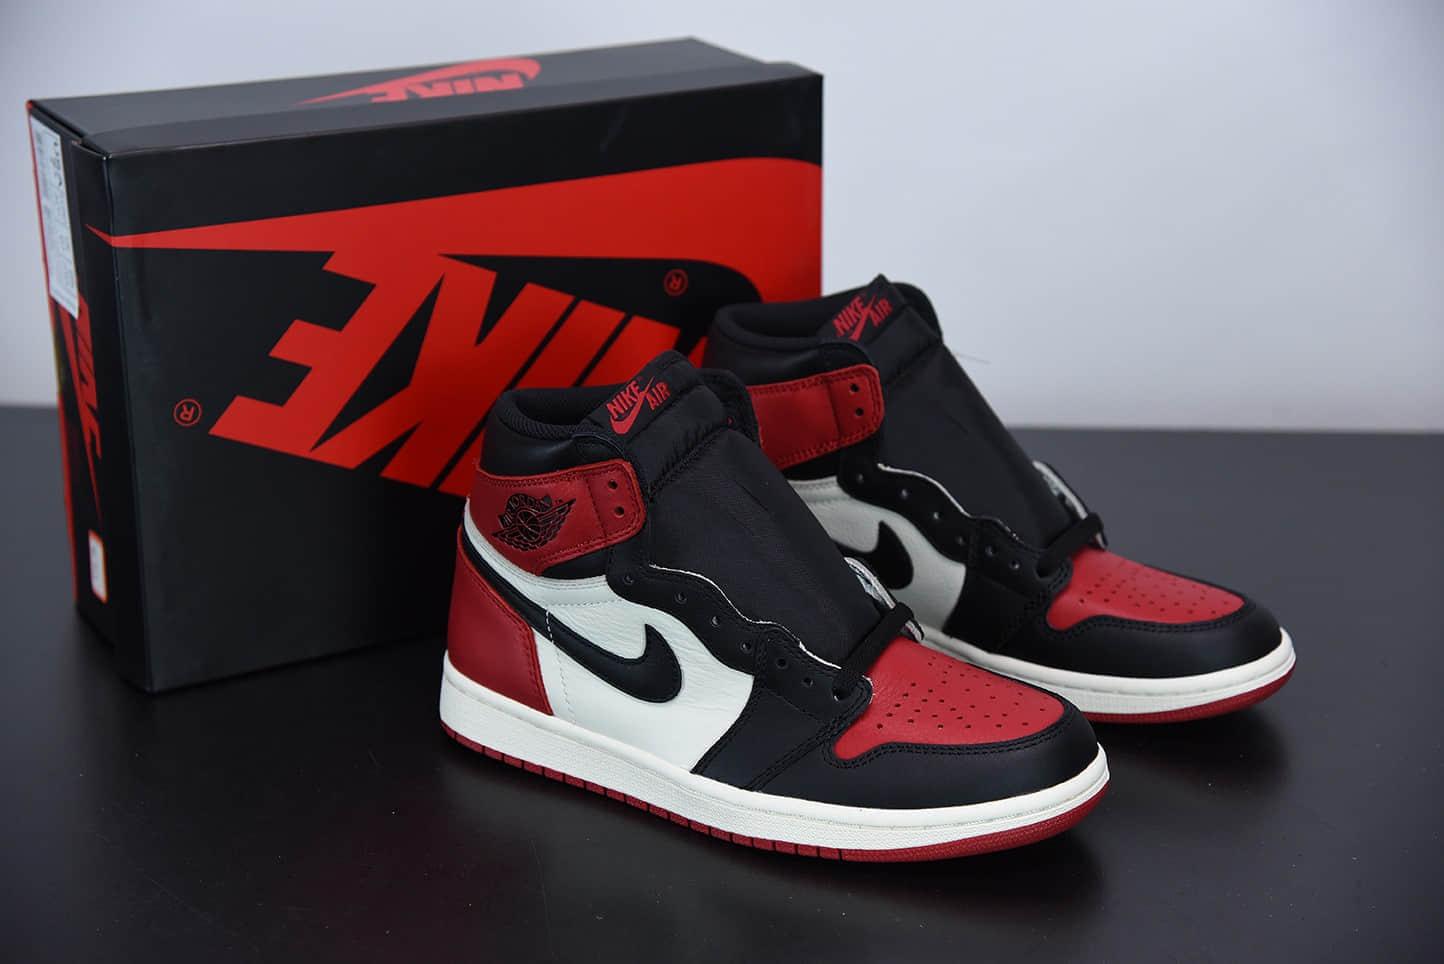 """乔丹AIR JORDAN Retro High OG """"Bred Toe"""" 黑红脚趾高帮文化篮球鞋纯原版本 货号:555088-610"""